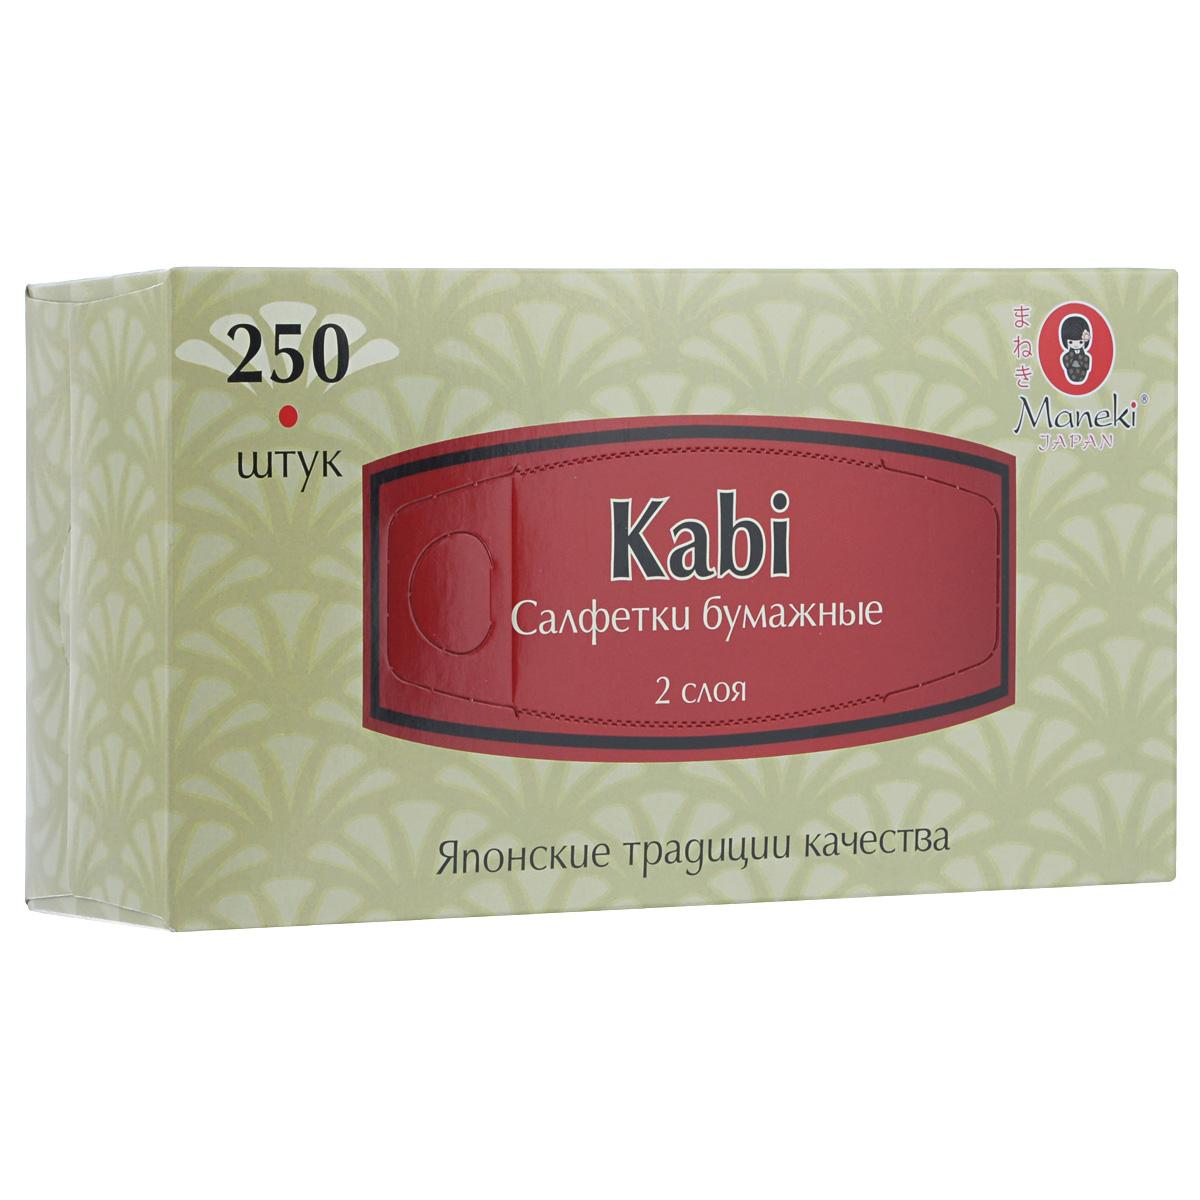 Салфетки бумажные Maneki Kabi, двухслойные, 21 х 19,6 см, 250 штSC-FM20104Универсальные двухслойные салфетки Maneki Kabi выполнены из высококачественного целлюлозного сырья. Салфетки подходят для косметического, санитарно-гигиенического и хозяйственного назначения. Изделия обладают хорошими впитывающими свойствами. Салфетки имеют мягкую и нежную текстуру. При извлечении из коробки салфетки не рвутся. Размер салфеток: 21 х 19,6 см.